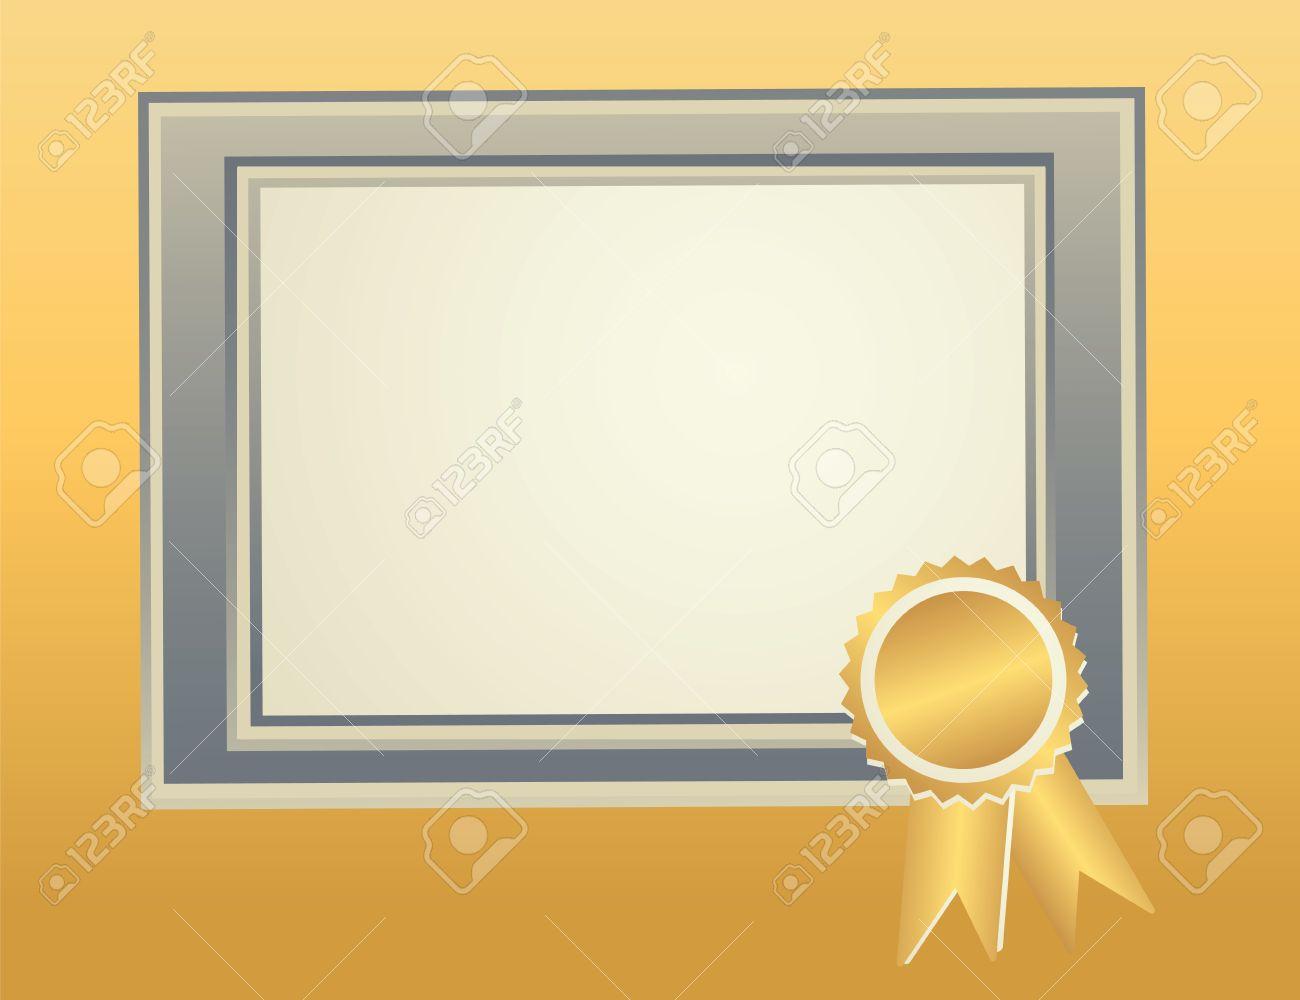 Пустой шаблон рамка с уплотнением для награждения сертификат  Пустой шаблон рамка с уплотнением для награждения сертификат диплом награды документы завершения